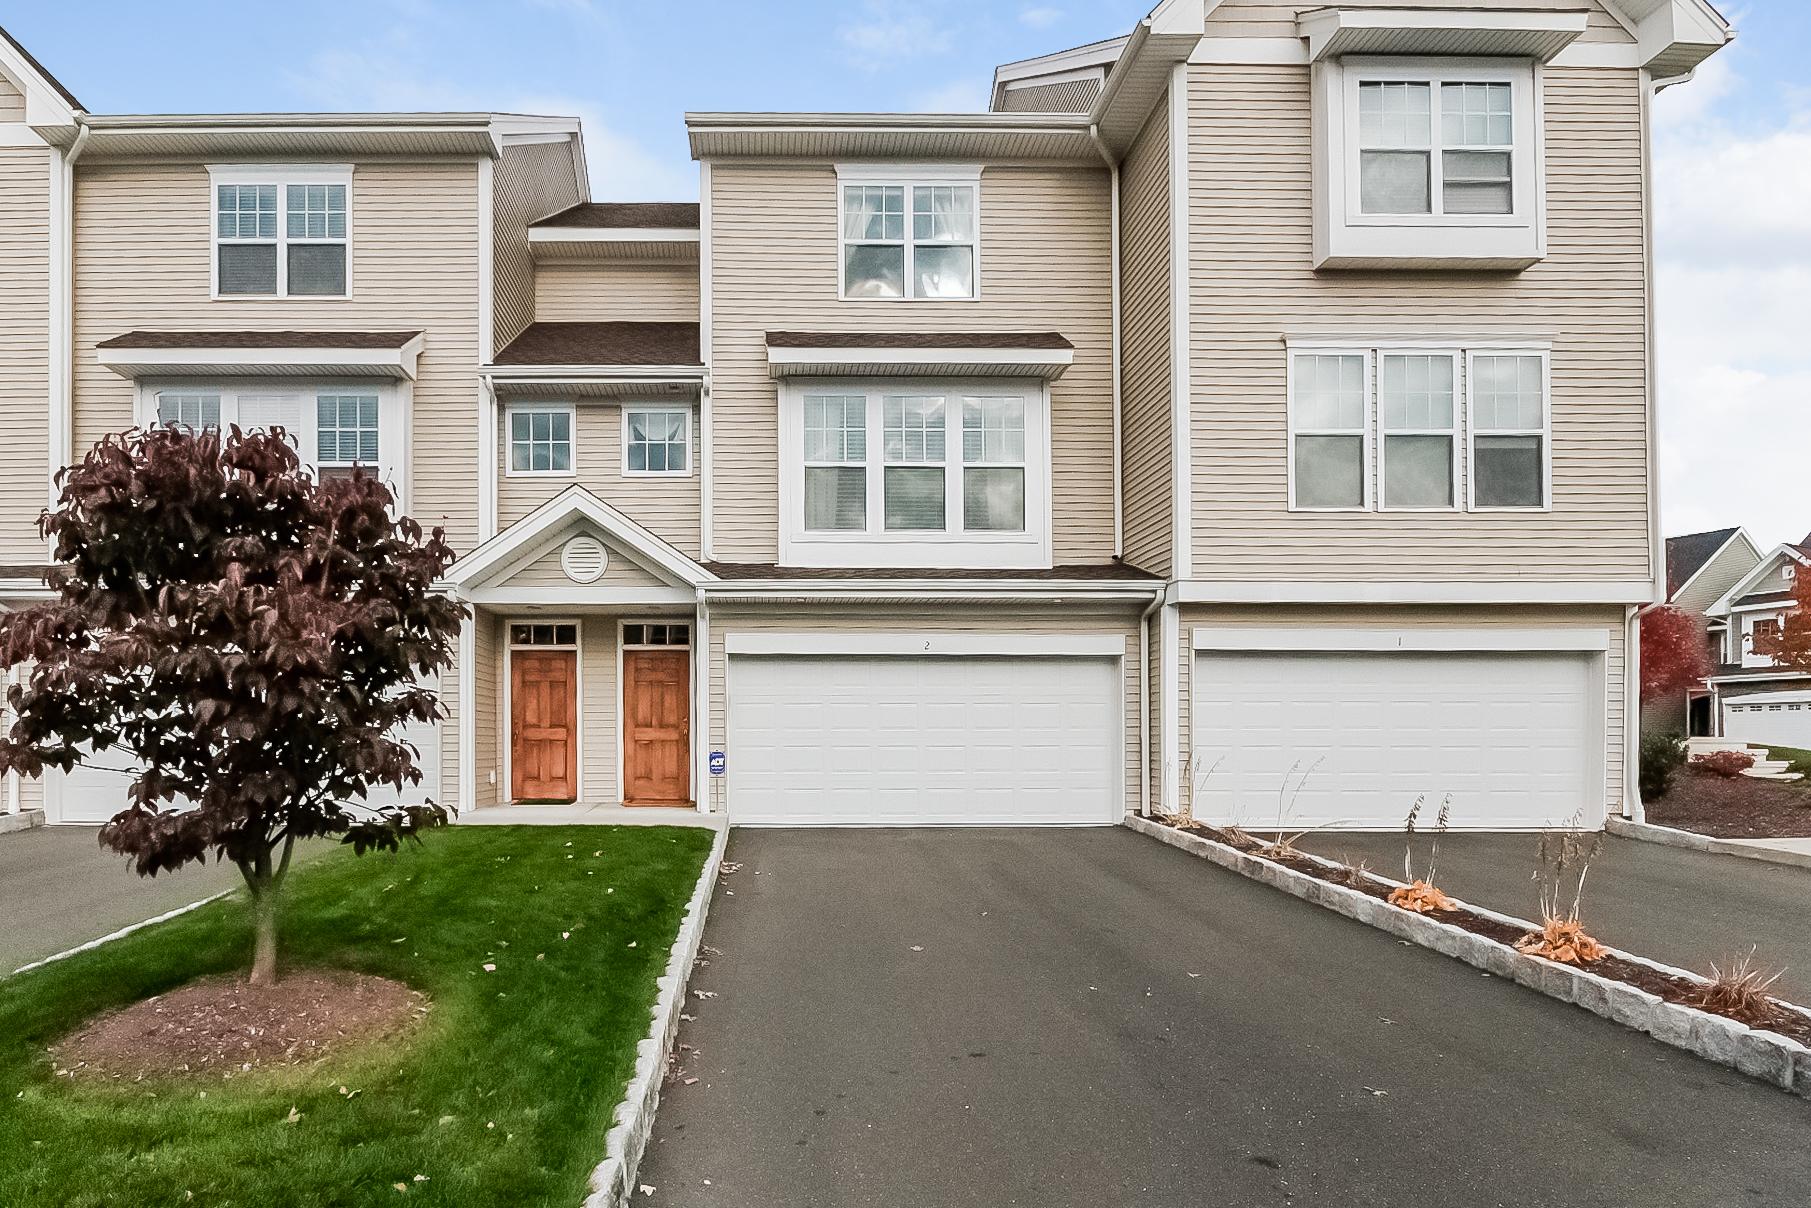 Nhà phố vì Bán tại Builders Model Townhome 2 Caldwell Terrace 2 Danbury, Connecticut 06810 Hoa Kỳ